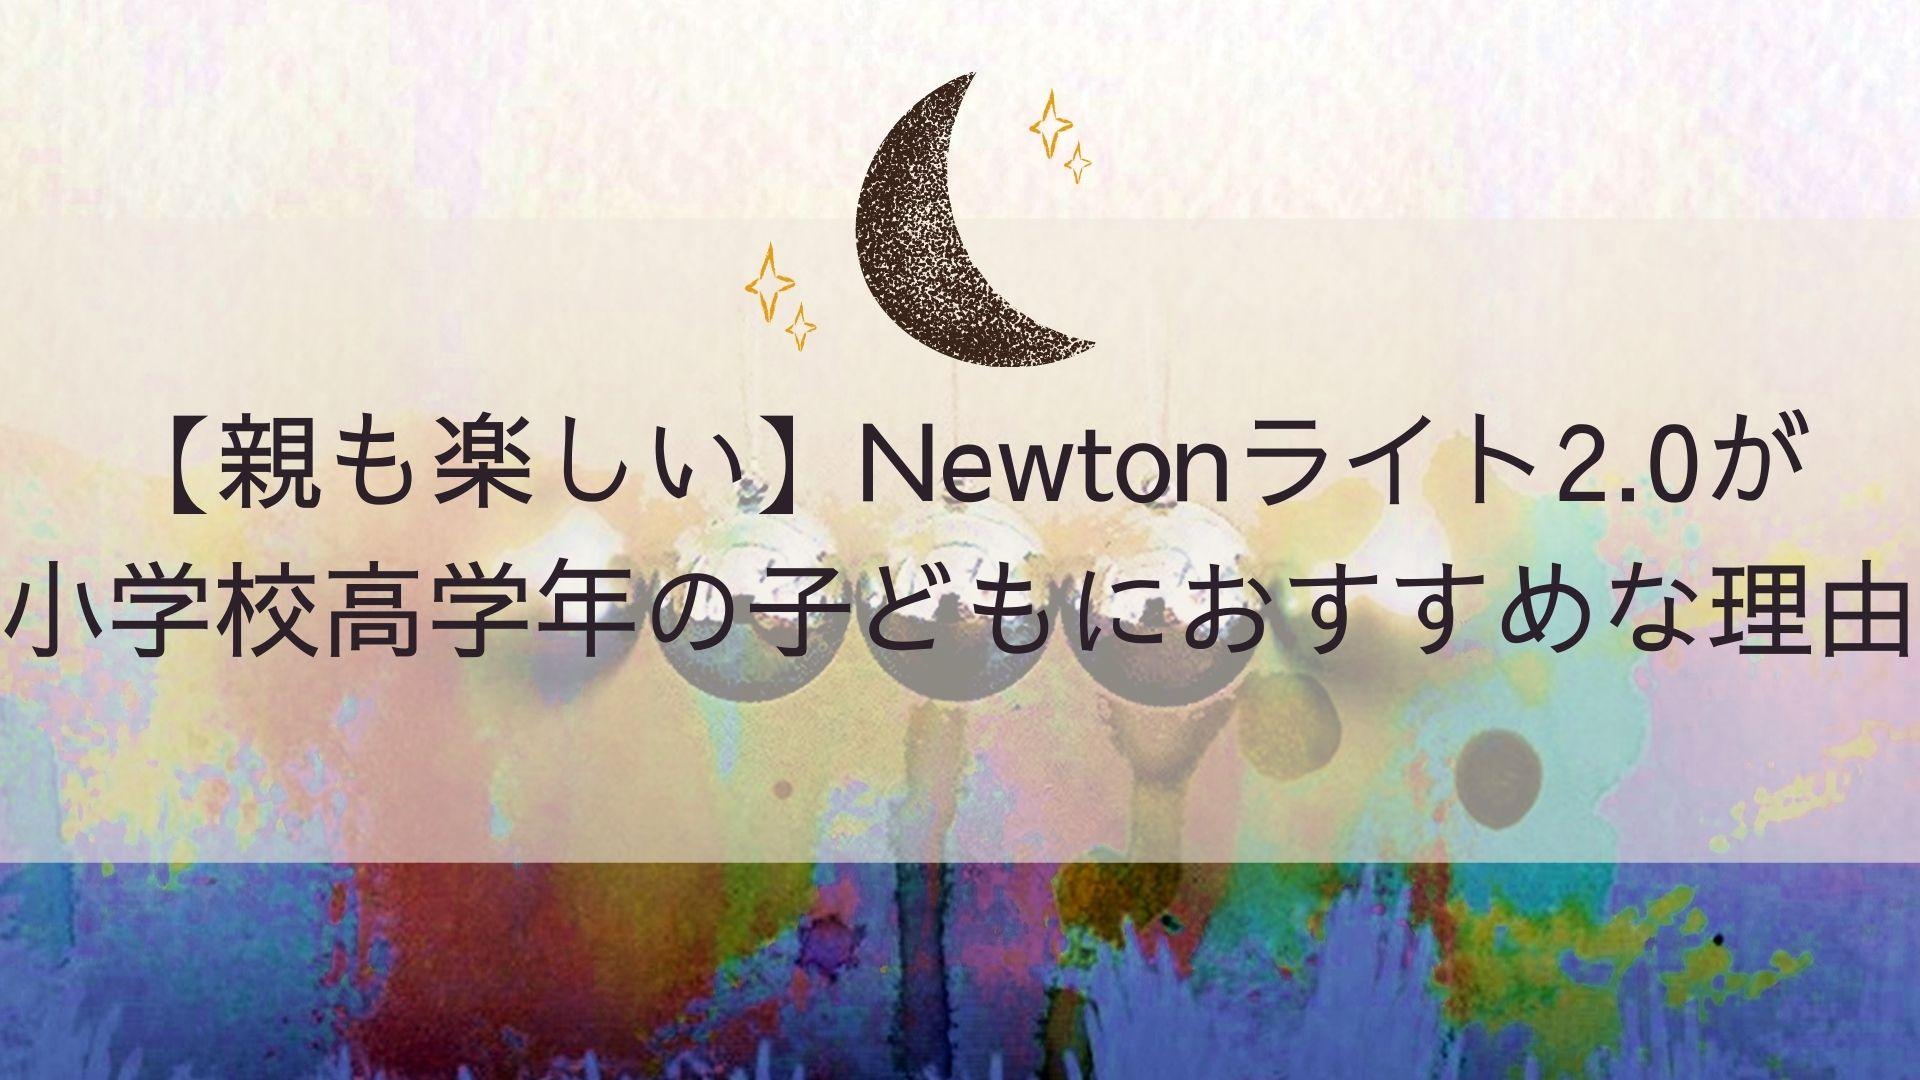 【親も楽しい】Newtonライト2.0が小学校高学年の子どもにおすすめな理由